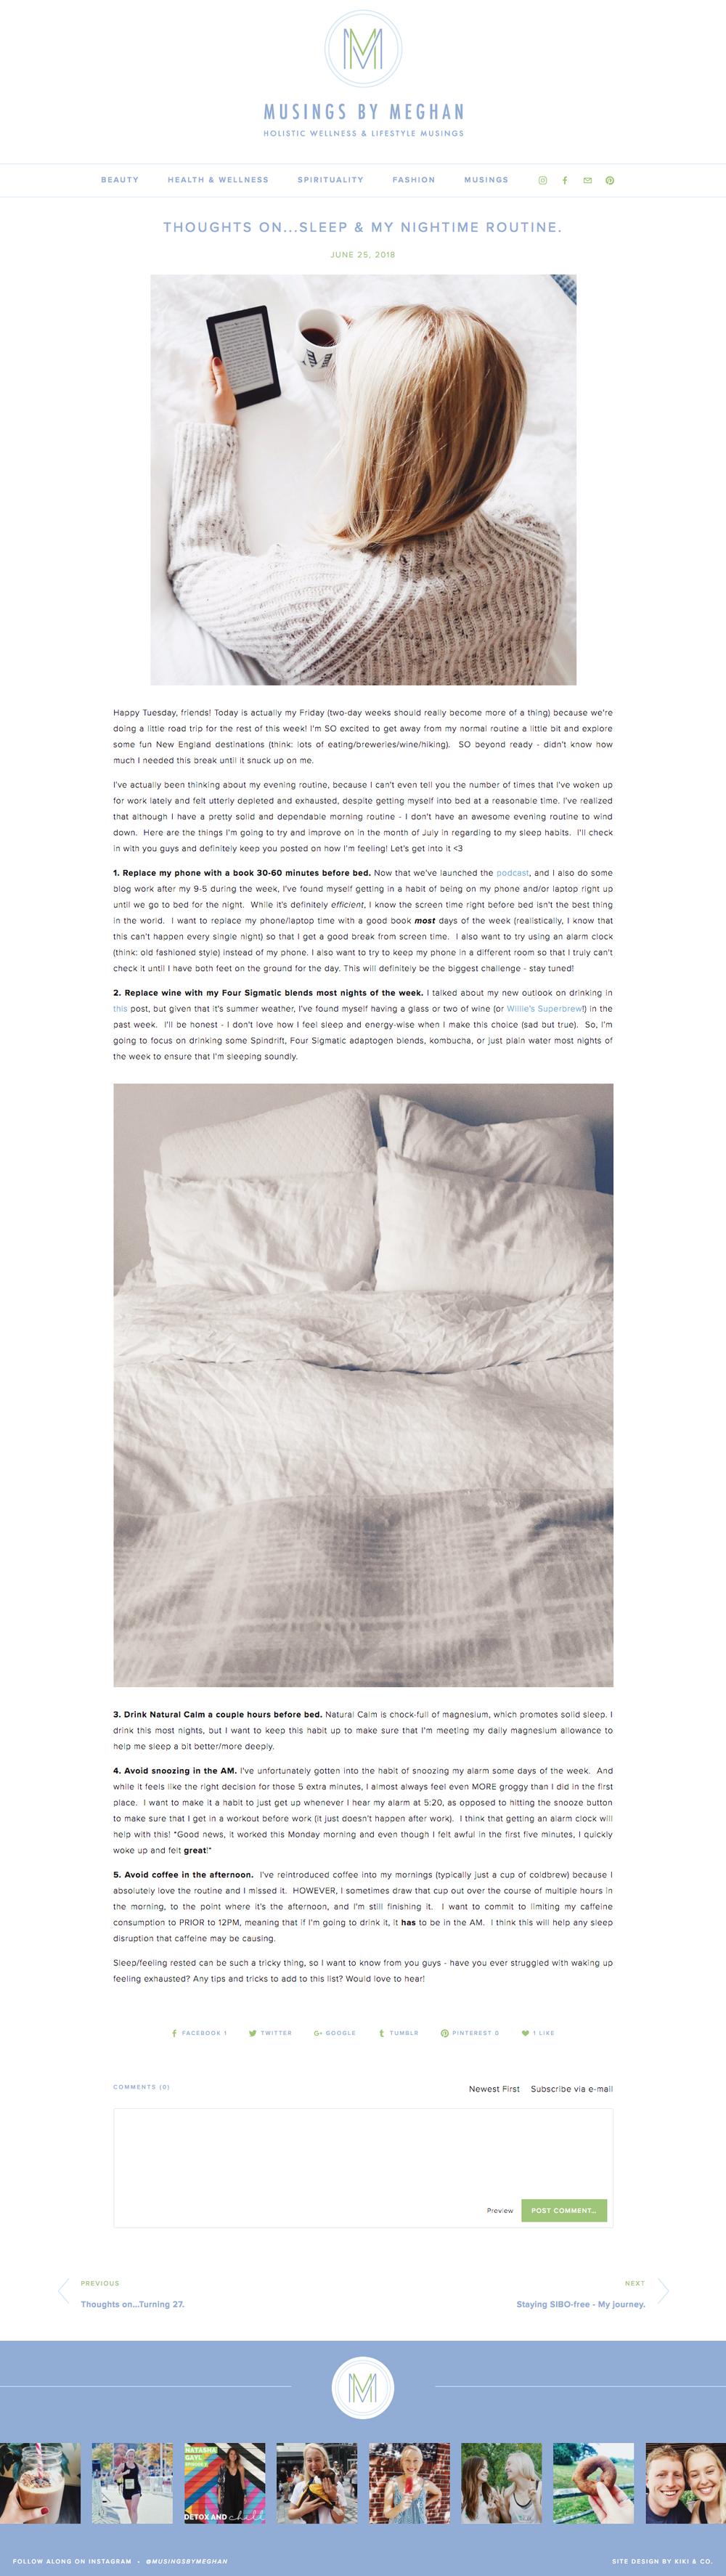 screencapture-musingsbymeghan-home-2018-5-19-thoughts-onsleep-2018-07-23-10_59_02.png